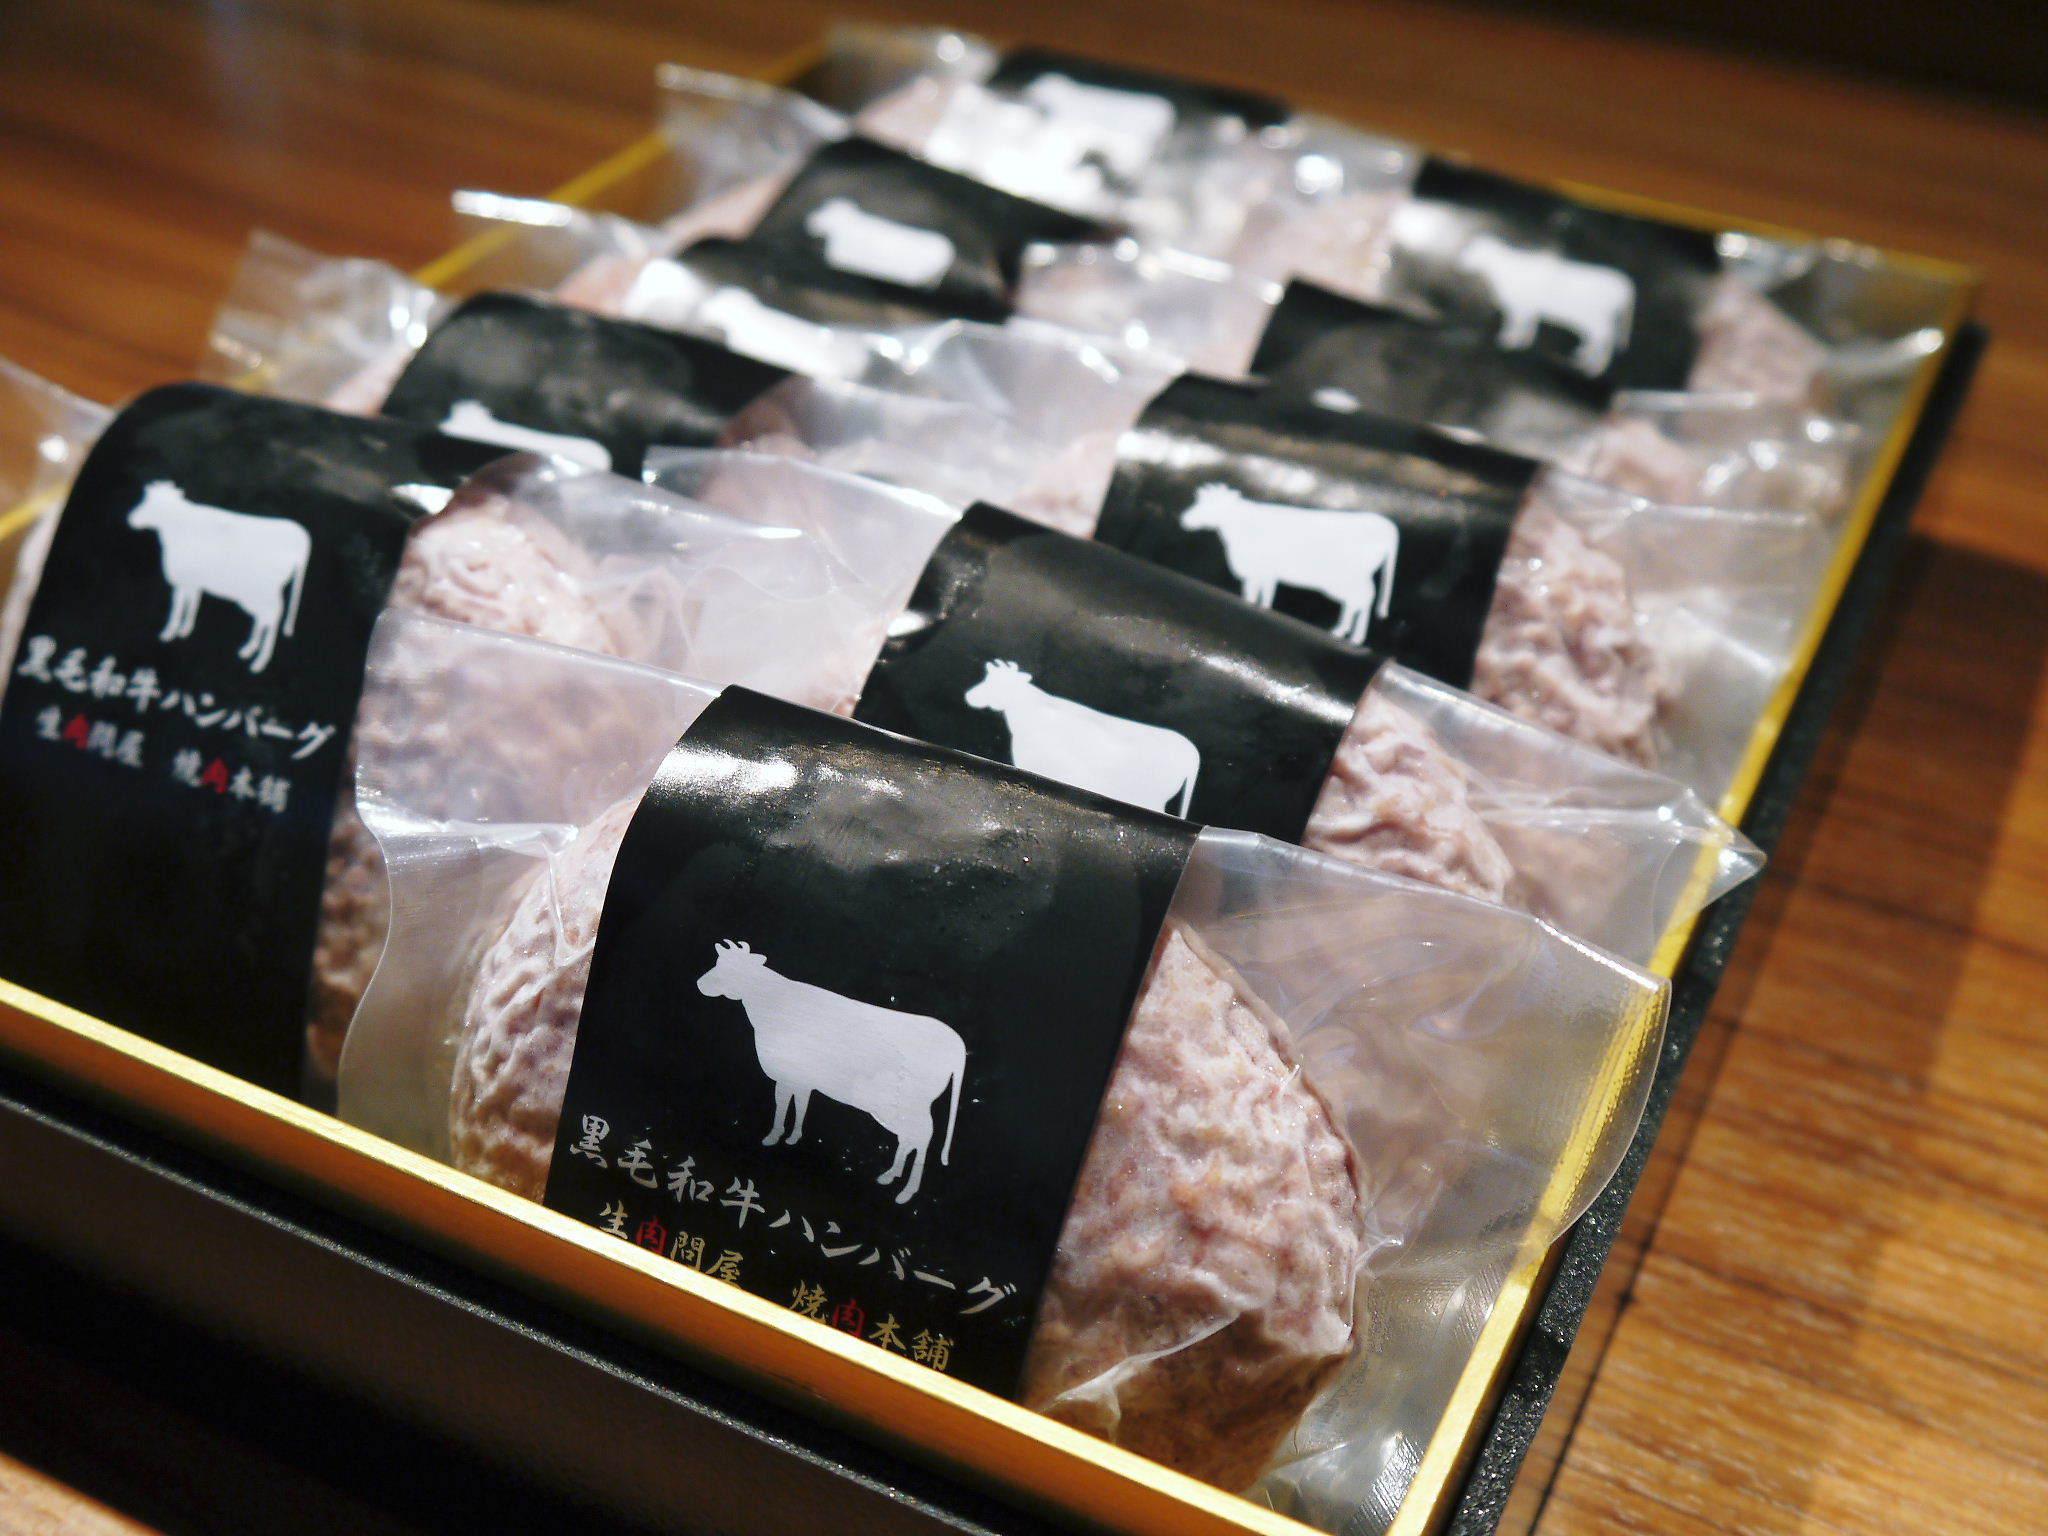 毎月1回!数量限定販売!熊本県産A5ランク黒毛和牛100%ハンバーグステーキ令和3年6月分早くも完売御礼_a0254656_17593660.jpg